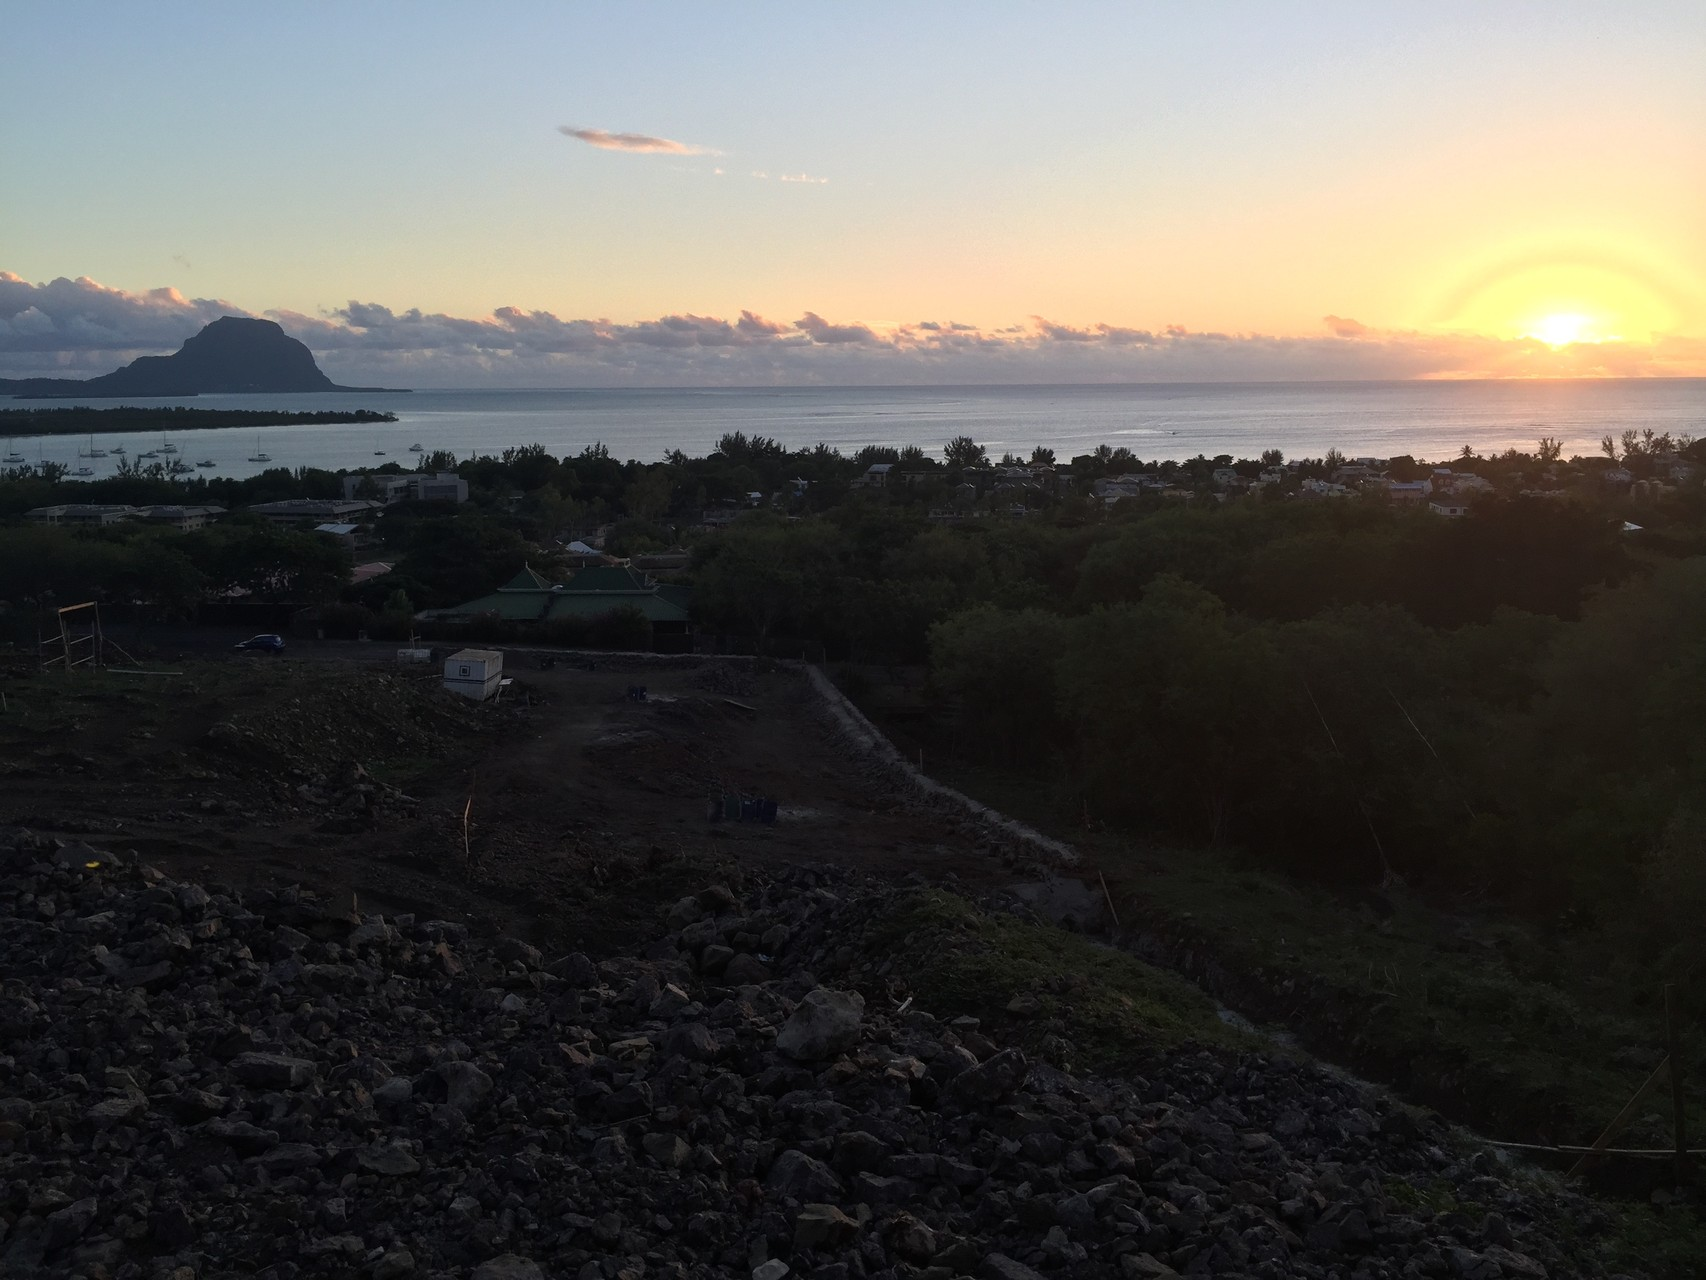 achat immobilier RES vue mer d'exception et de prestige à l'île Maurice en RES villas d'HESTIA